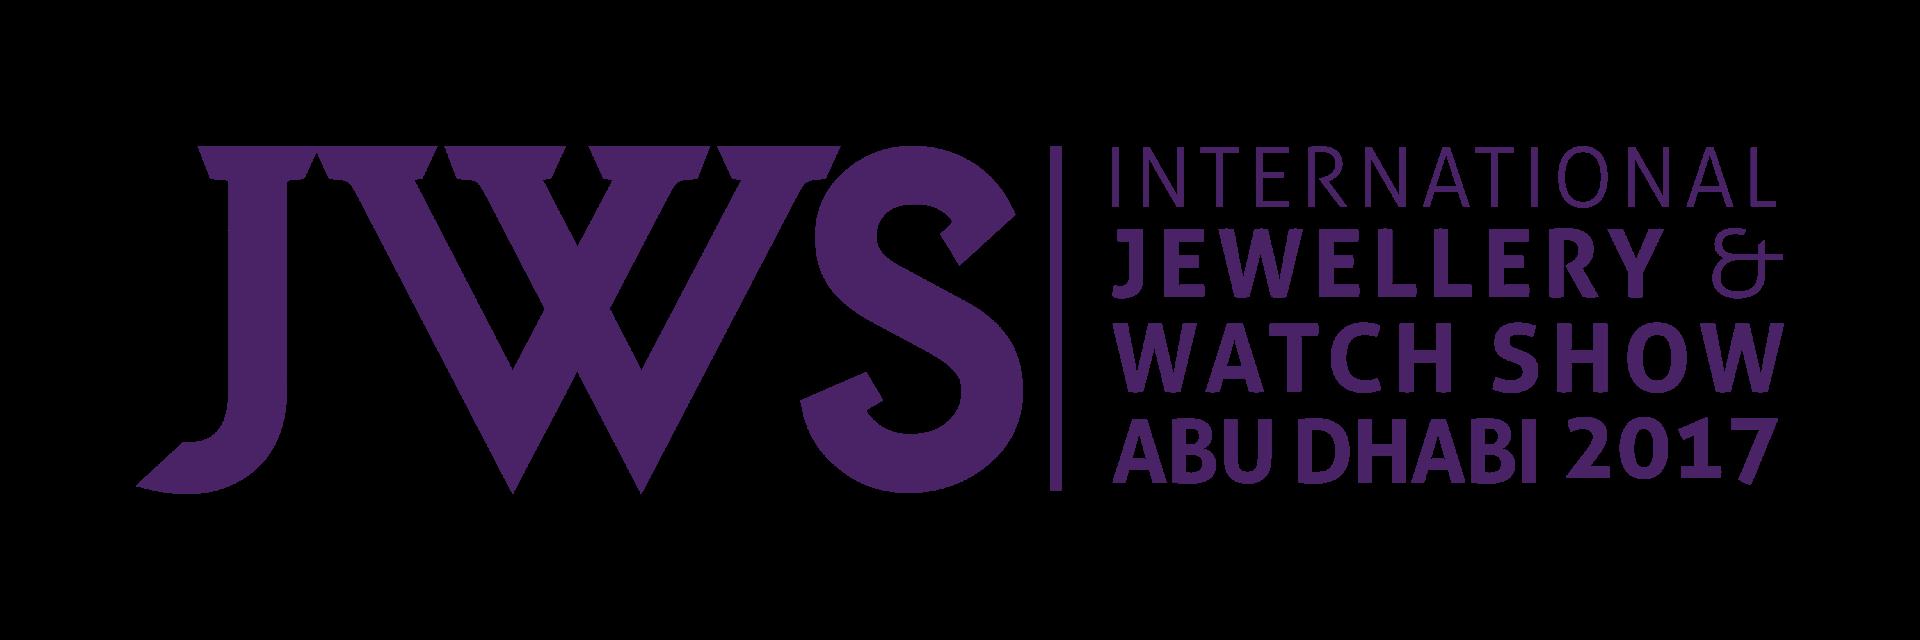 لاتفوتوا المعرض الدولي للمجوهرات والساعات أبوظبي 2017